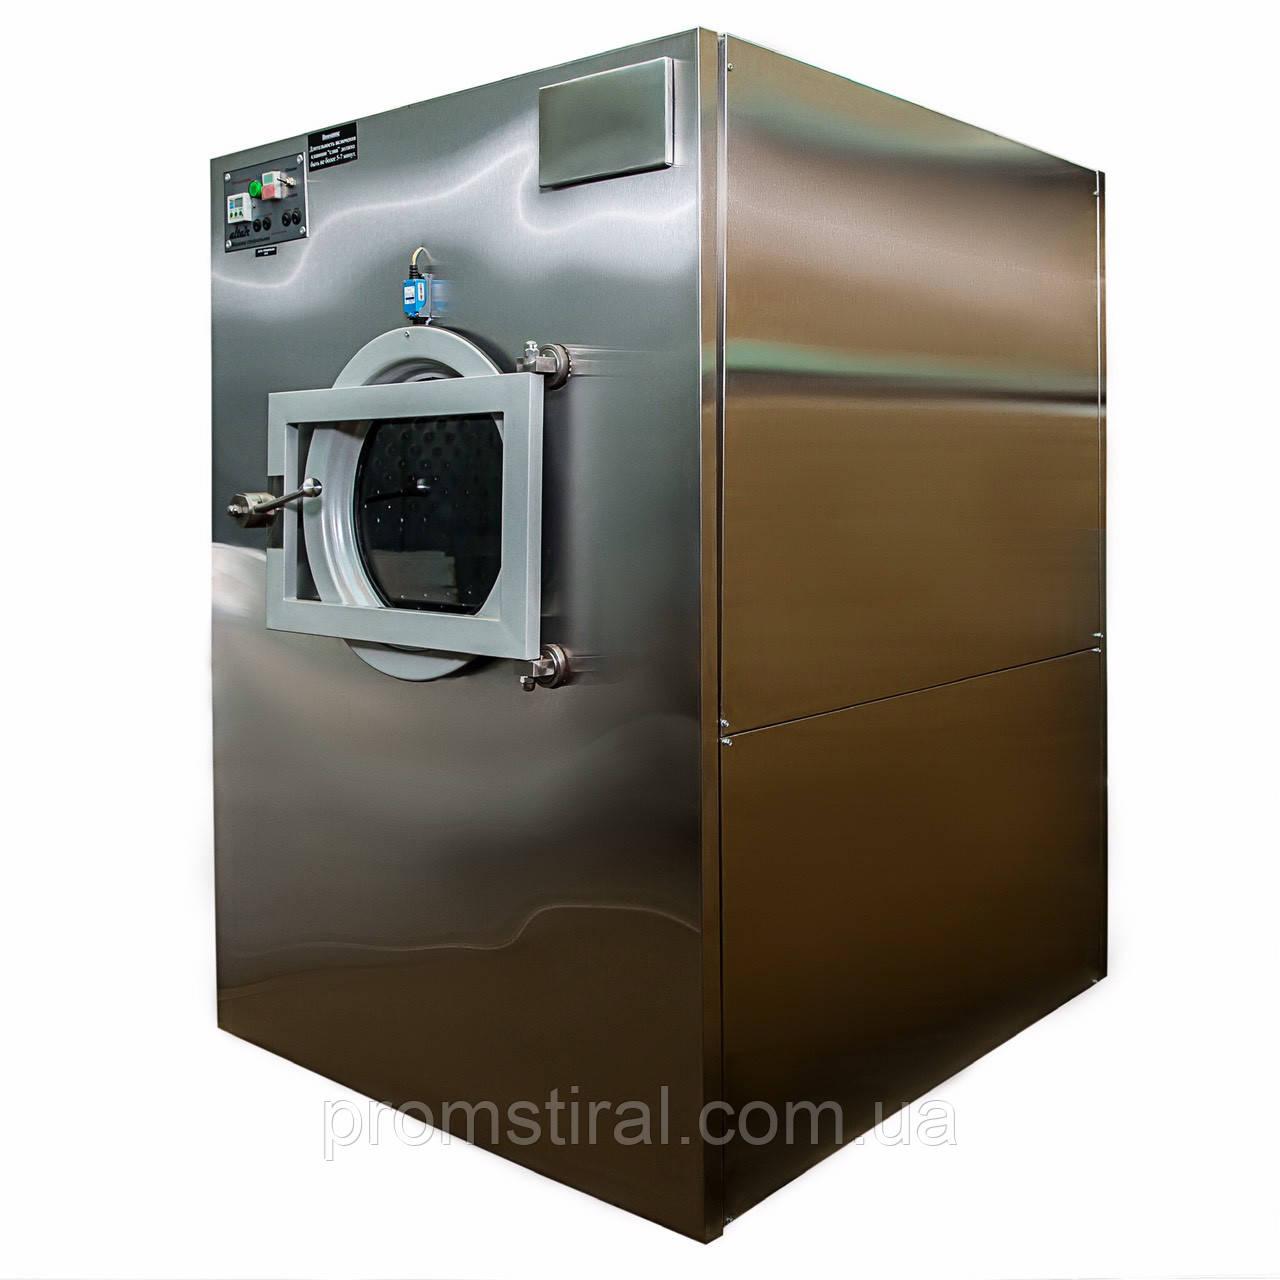 Промышленная стиральная машина СМ-А-25Э (н/ж, без отжима, с электрическим видом обогрева)